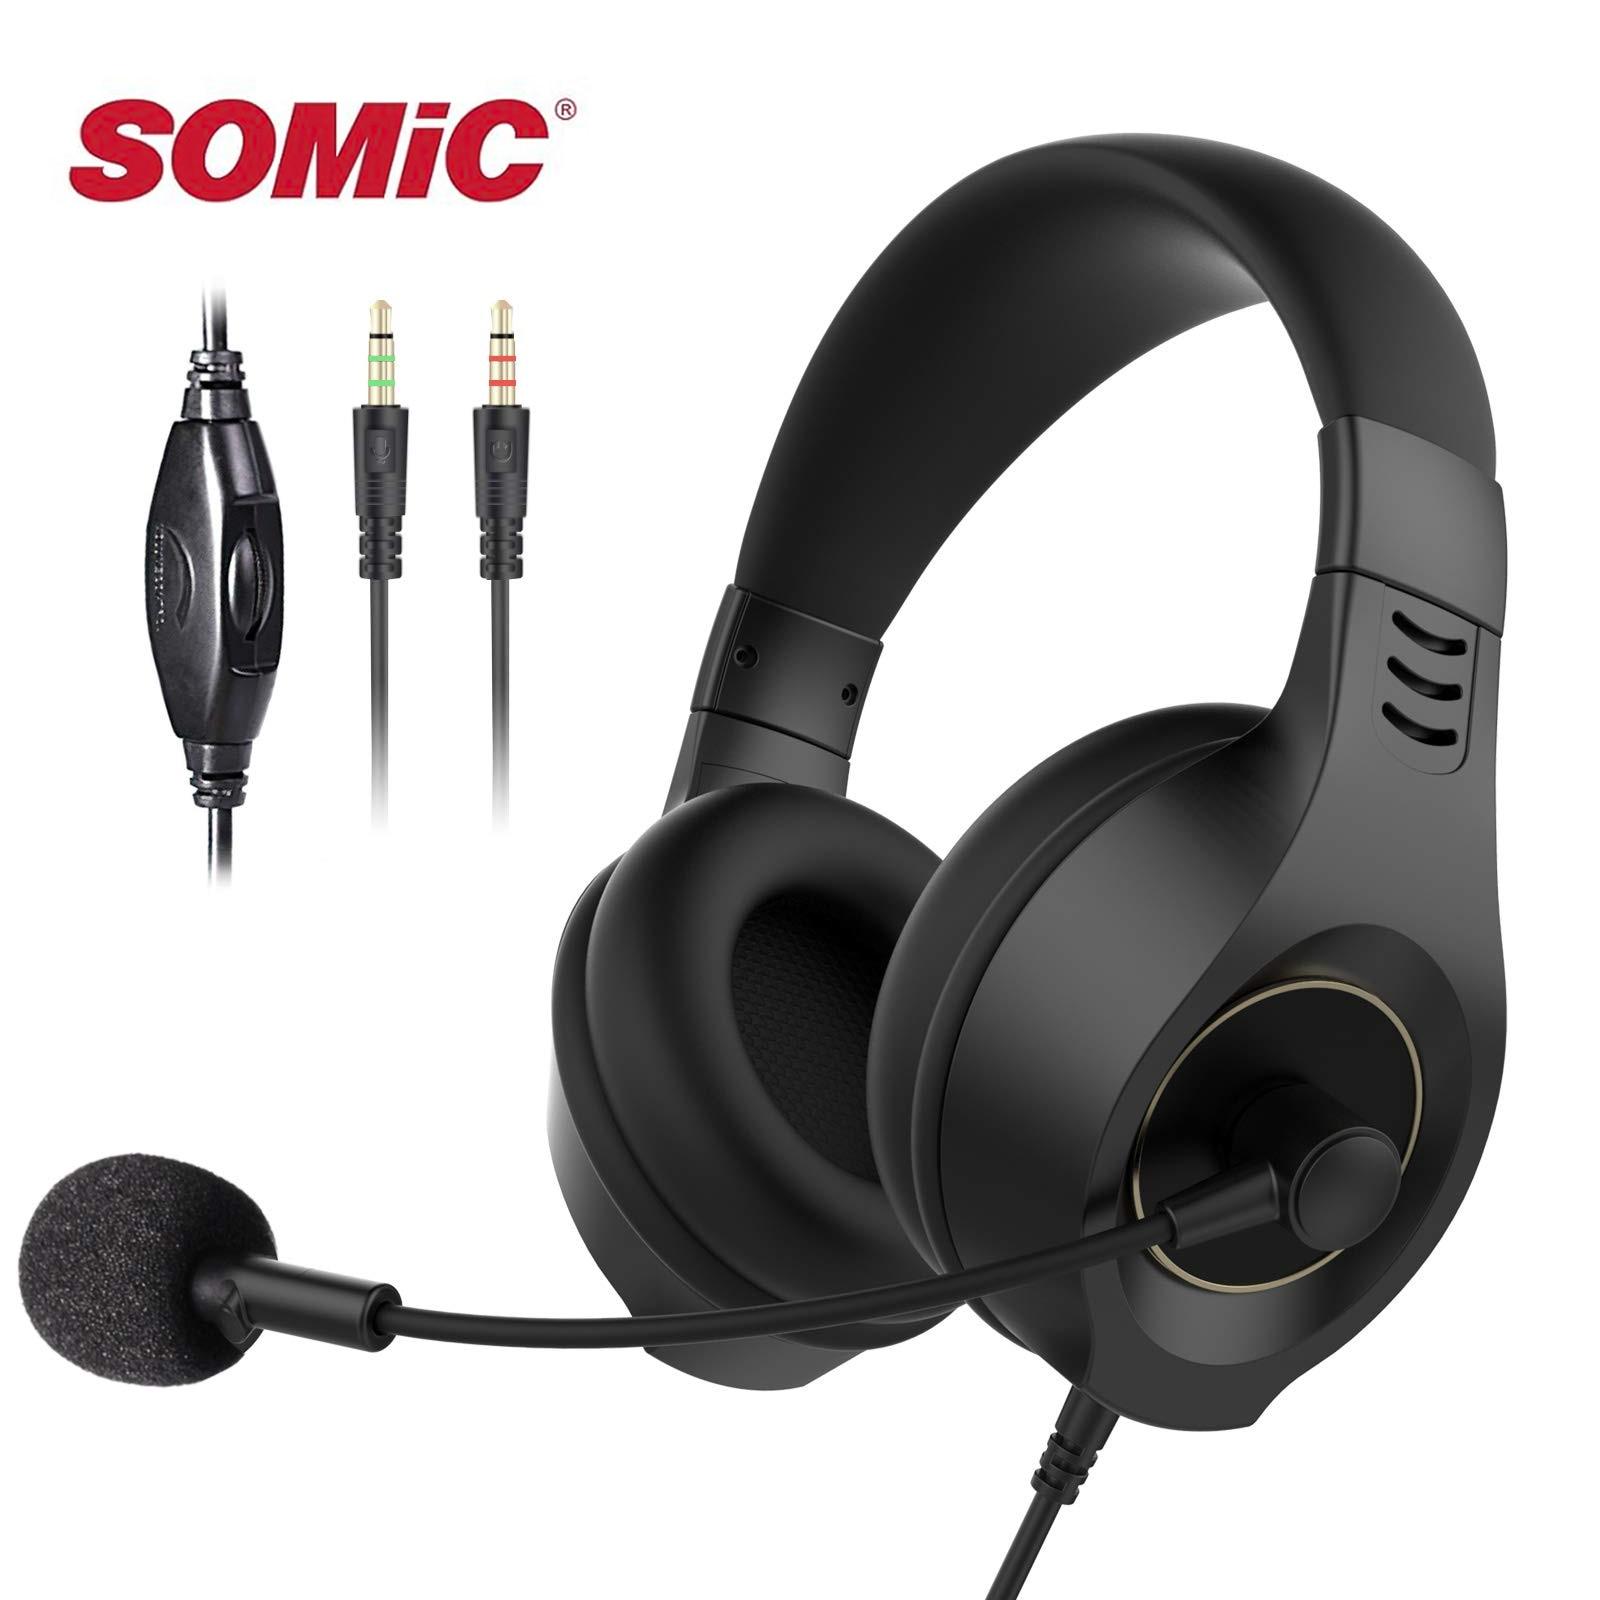 Senicc Bedrade Headset Hoofdtelefoon Met Microfoon 3.5Mm Voor Pc Met Volumeregeling Zachte Voor Call Centers Business Werk E50